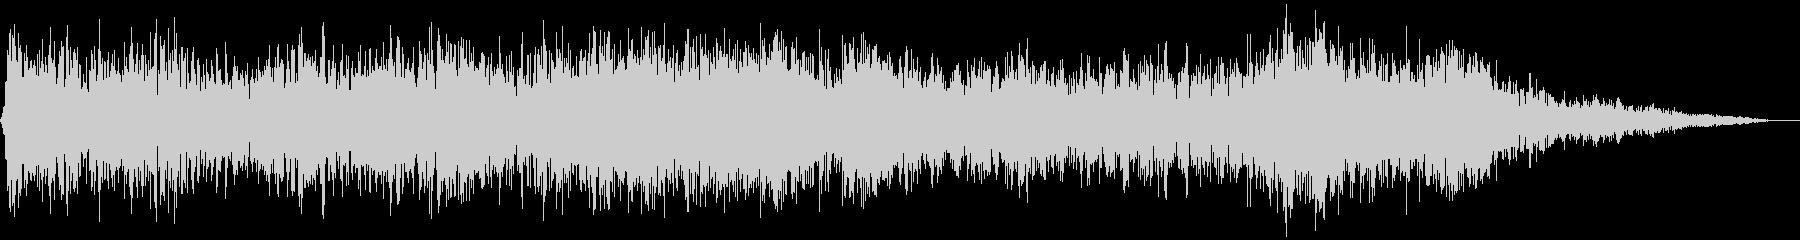 【アンビエント】ドローン_42 実験音の未再生の波形